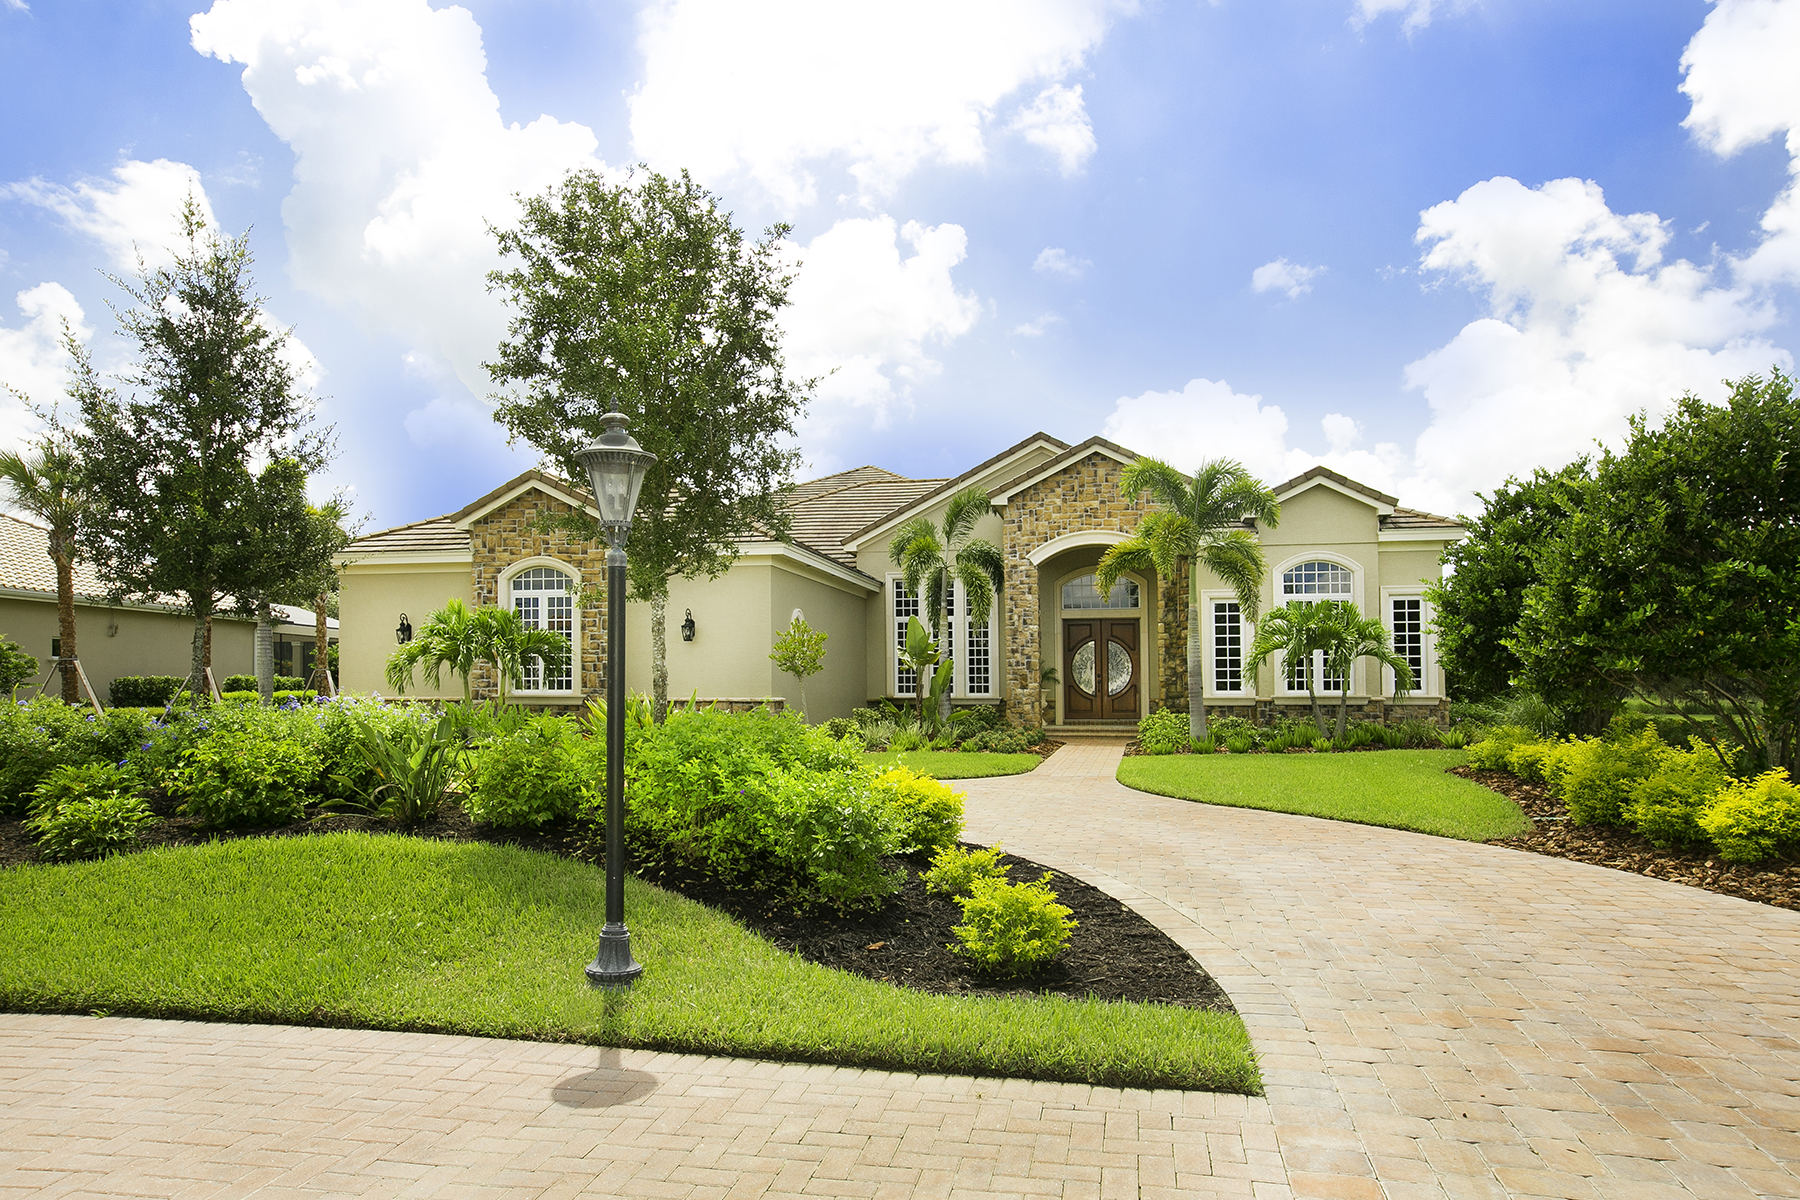 Maison unifamiliale pour l Vente à 3348 Founders Club Dr , Sarasota, FL 34240 3348 Founders Club Dr Sarasota, Florida, 34240 États-Unis